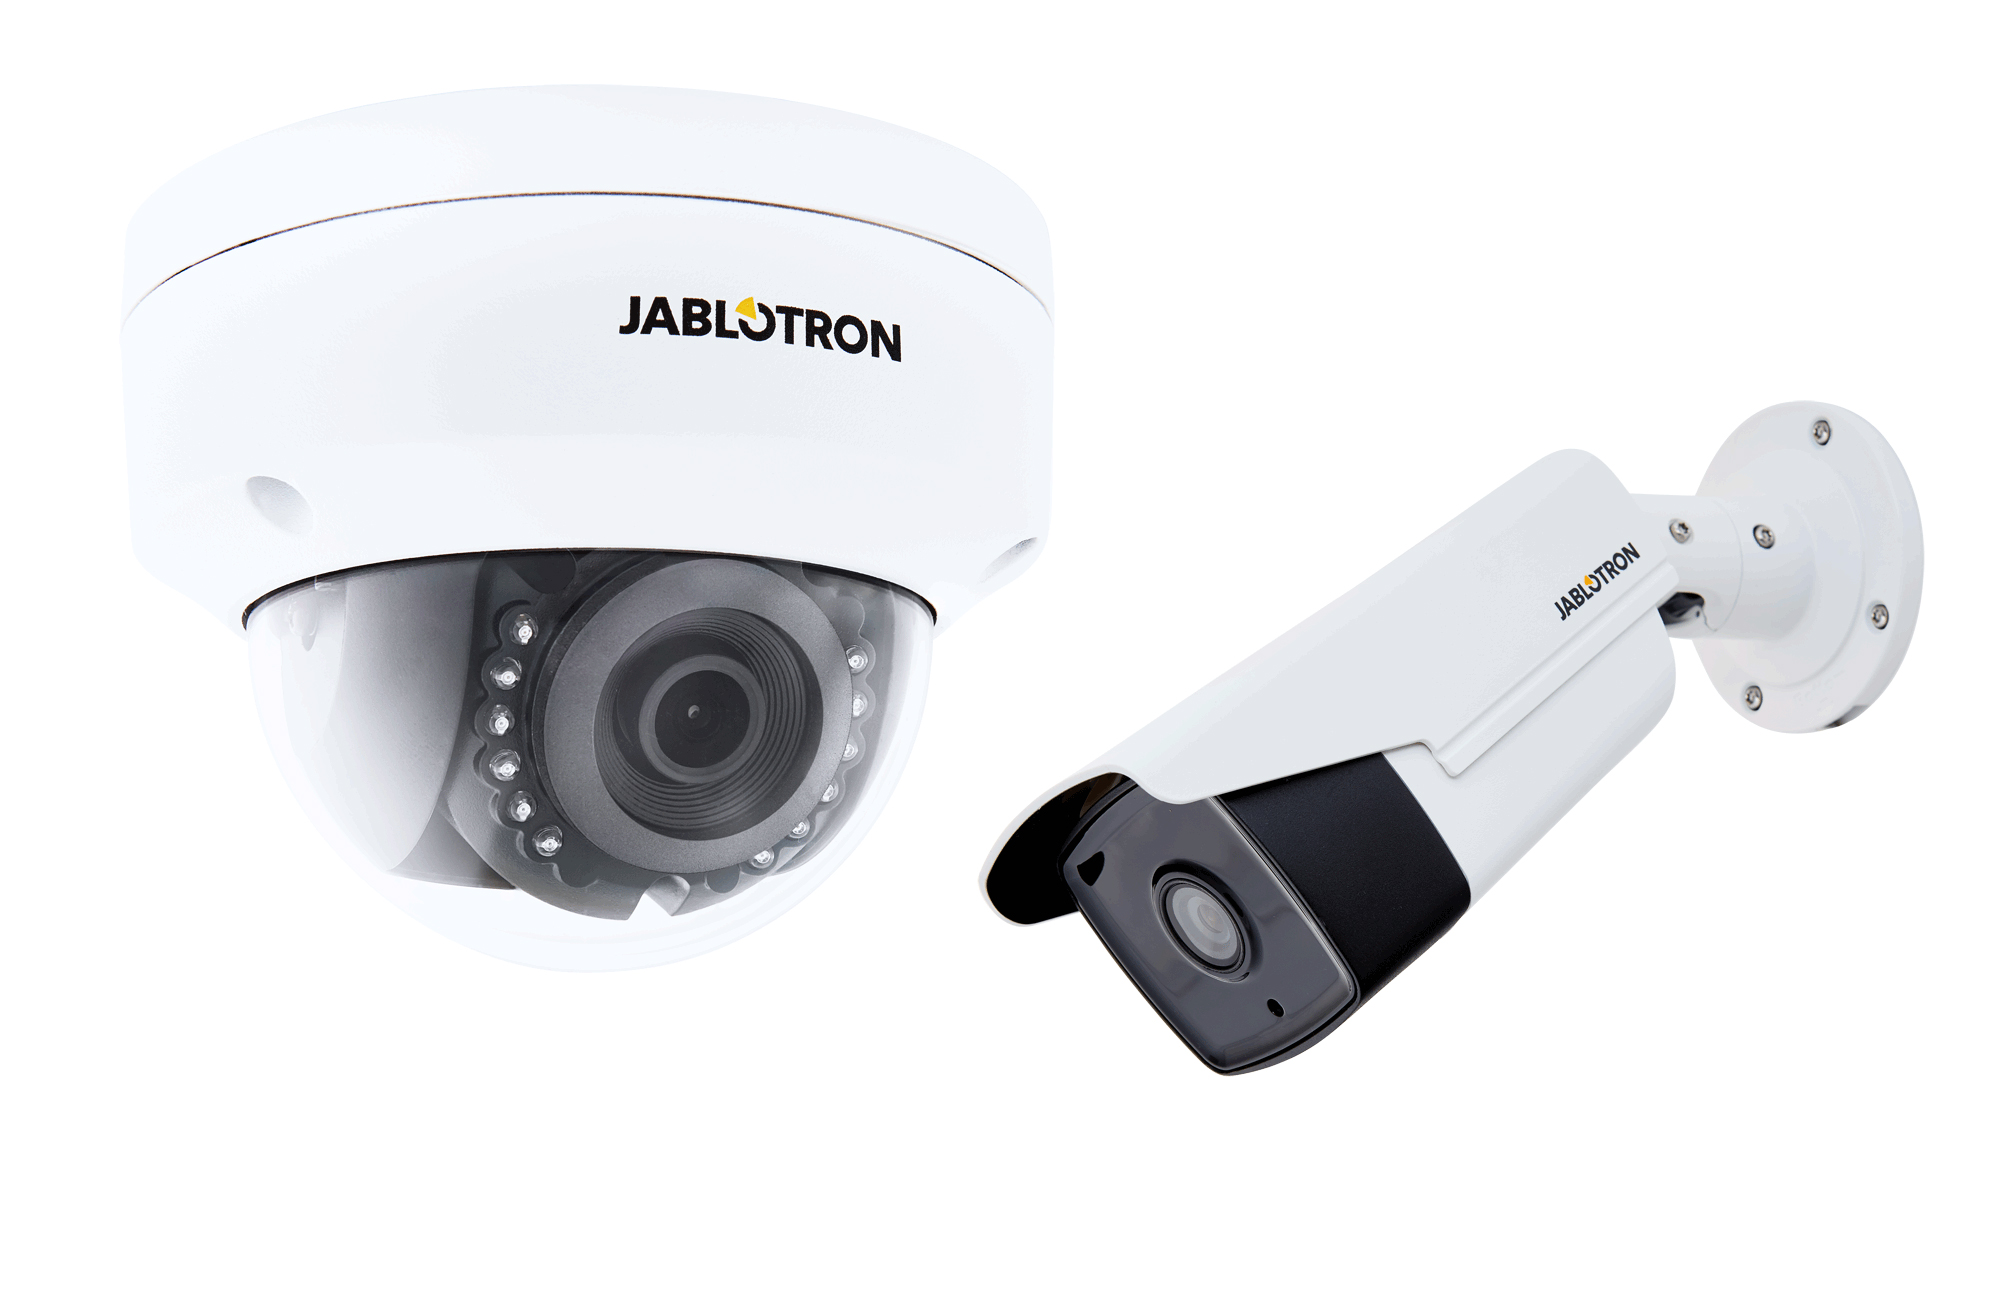 Jablotron-Kamera